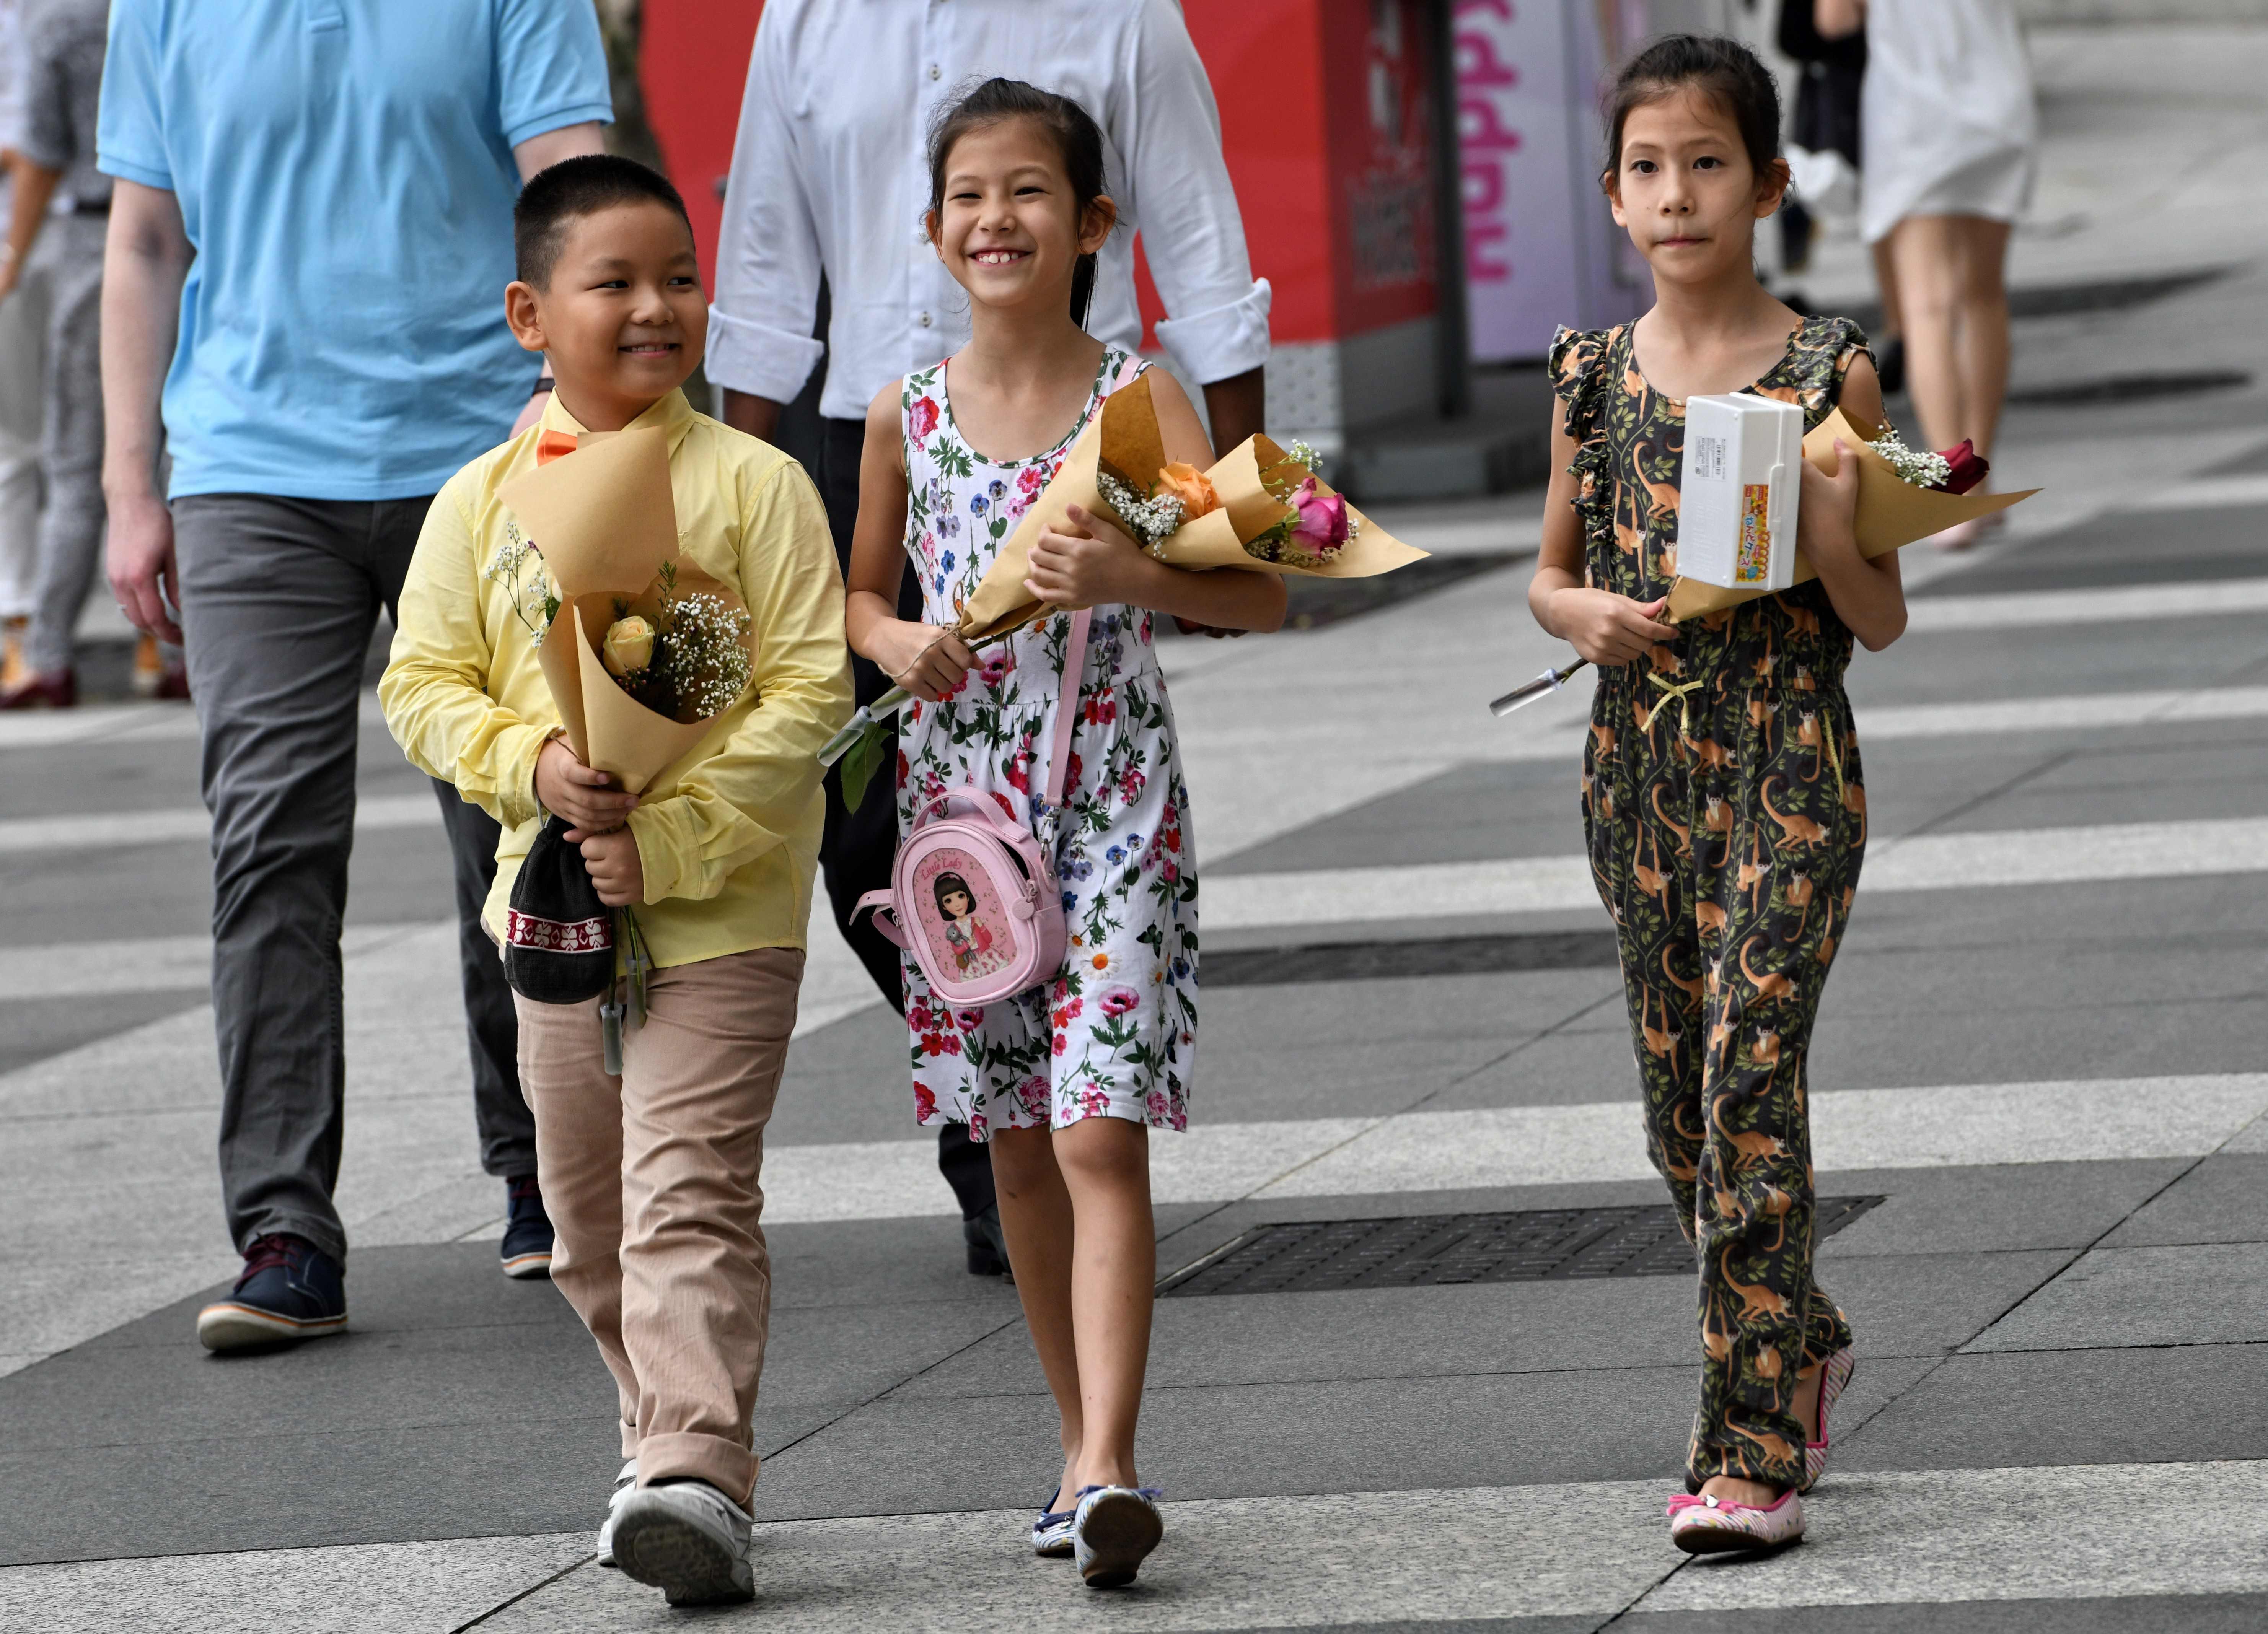 أطفال يحملون الورود احتفالا بعيد الحب